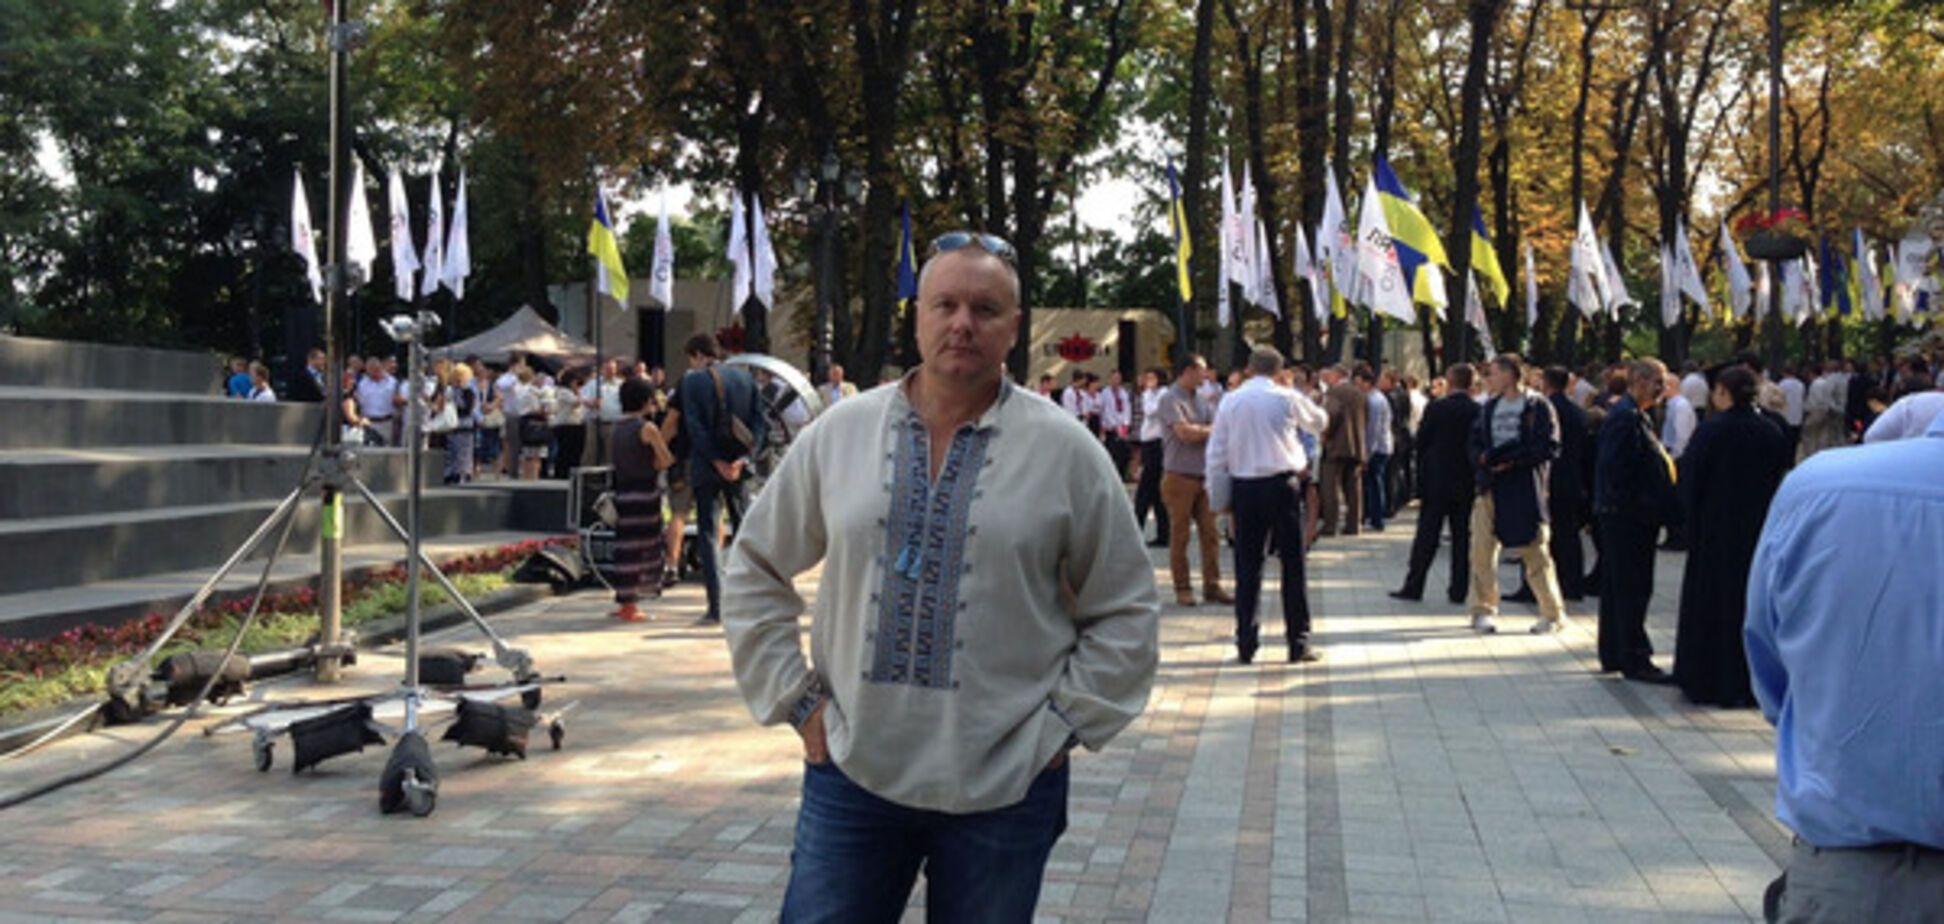 Не только Артеменко: Порошенко забрал гражданство Украины у Саши Боровика